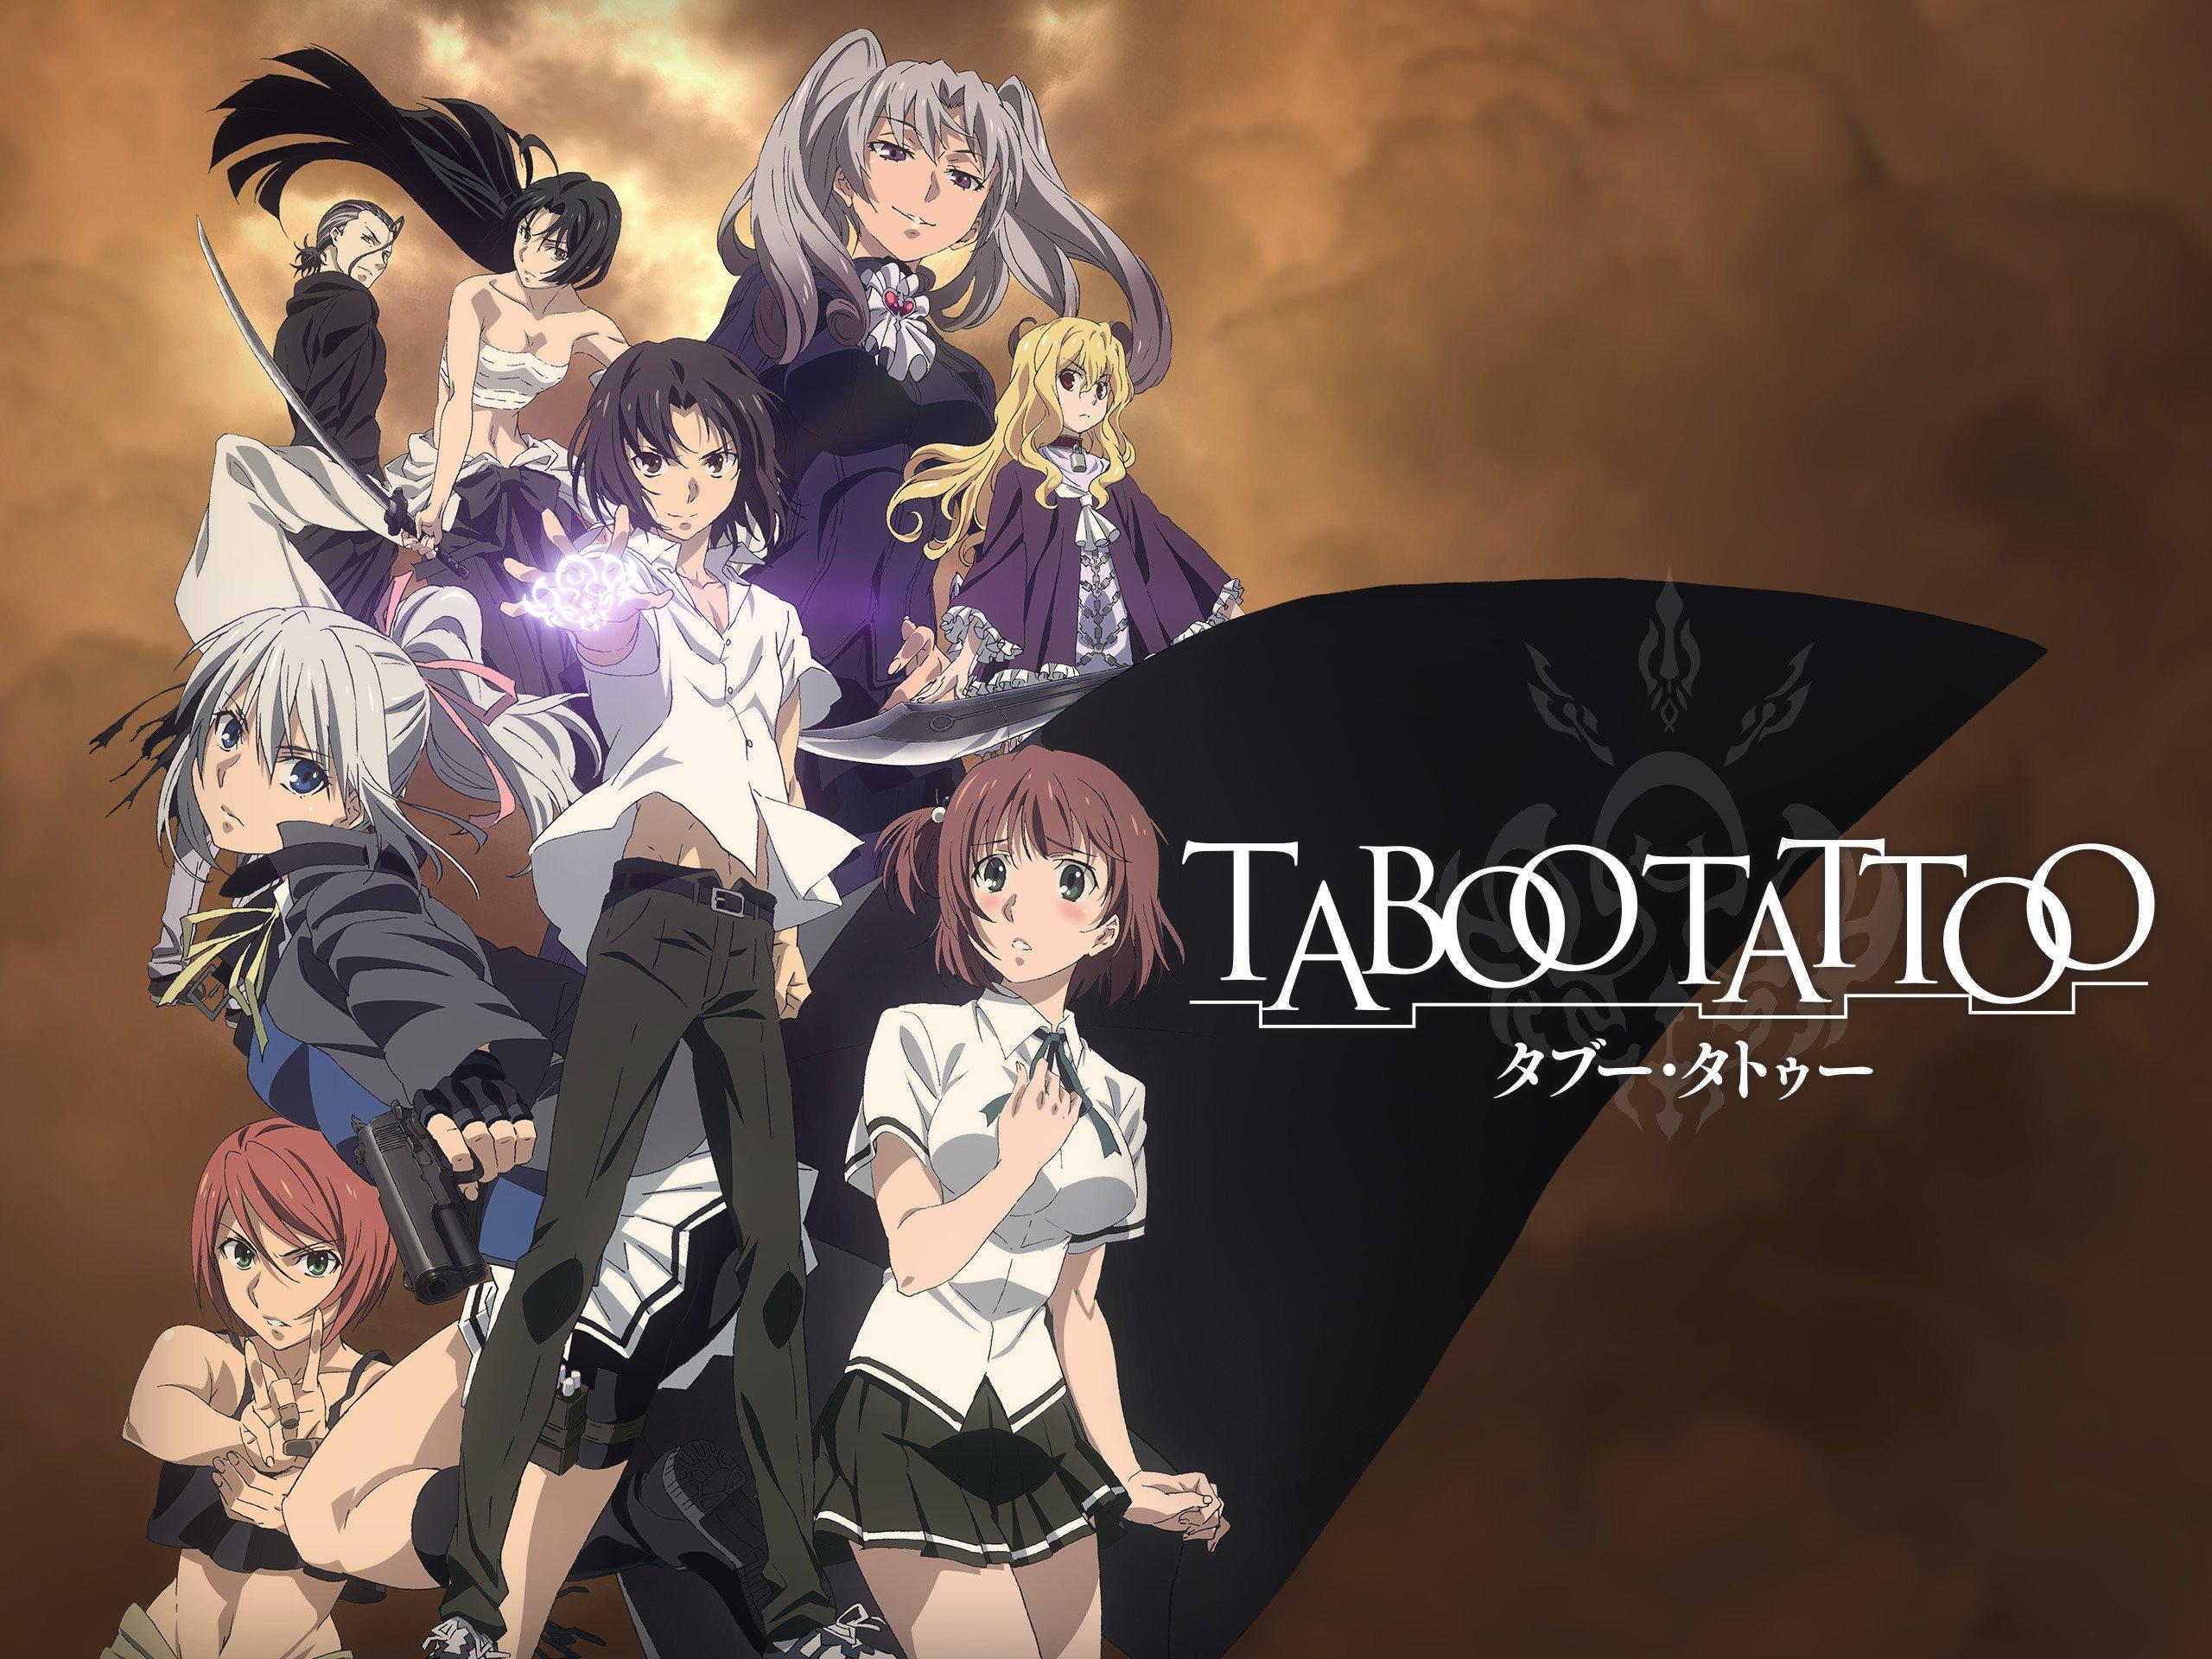 Taboo Anime